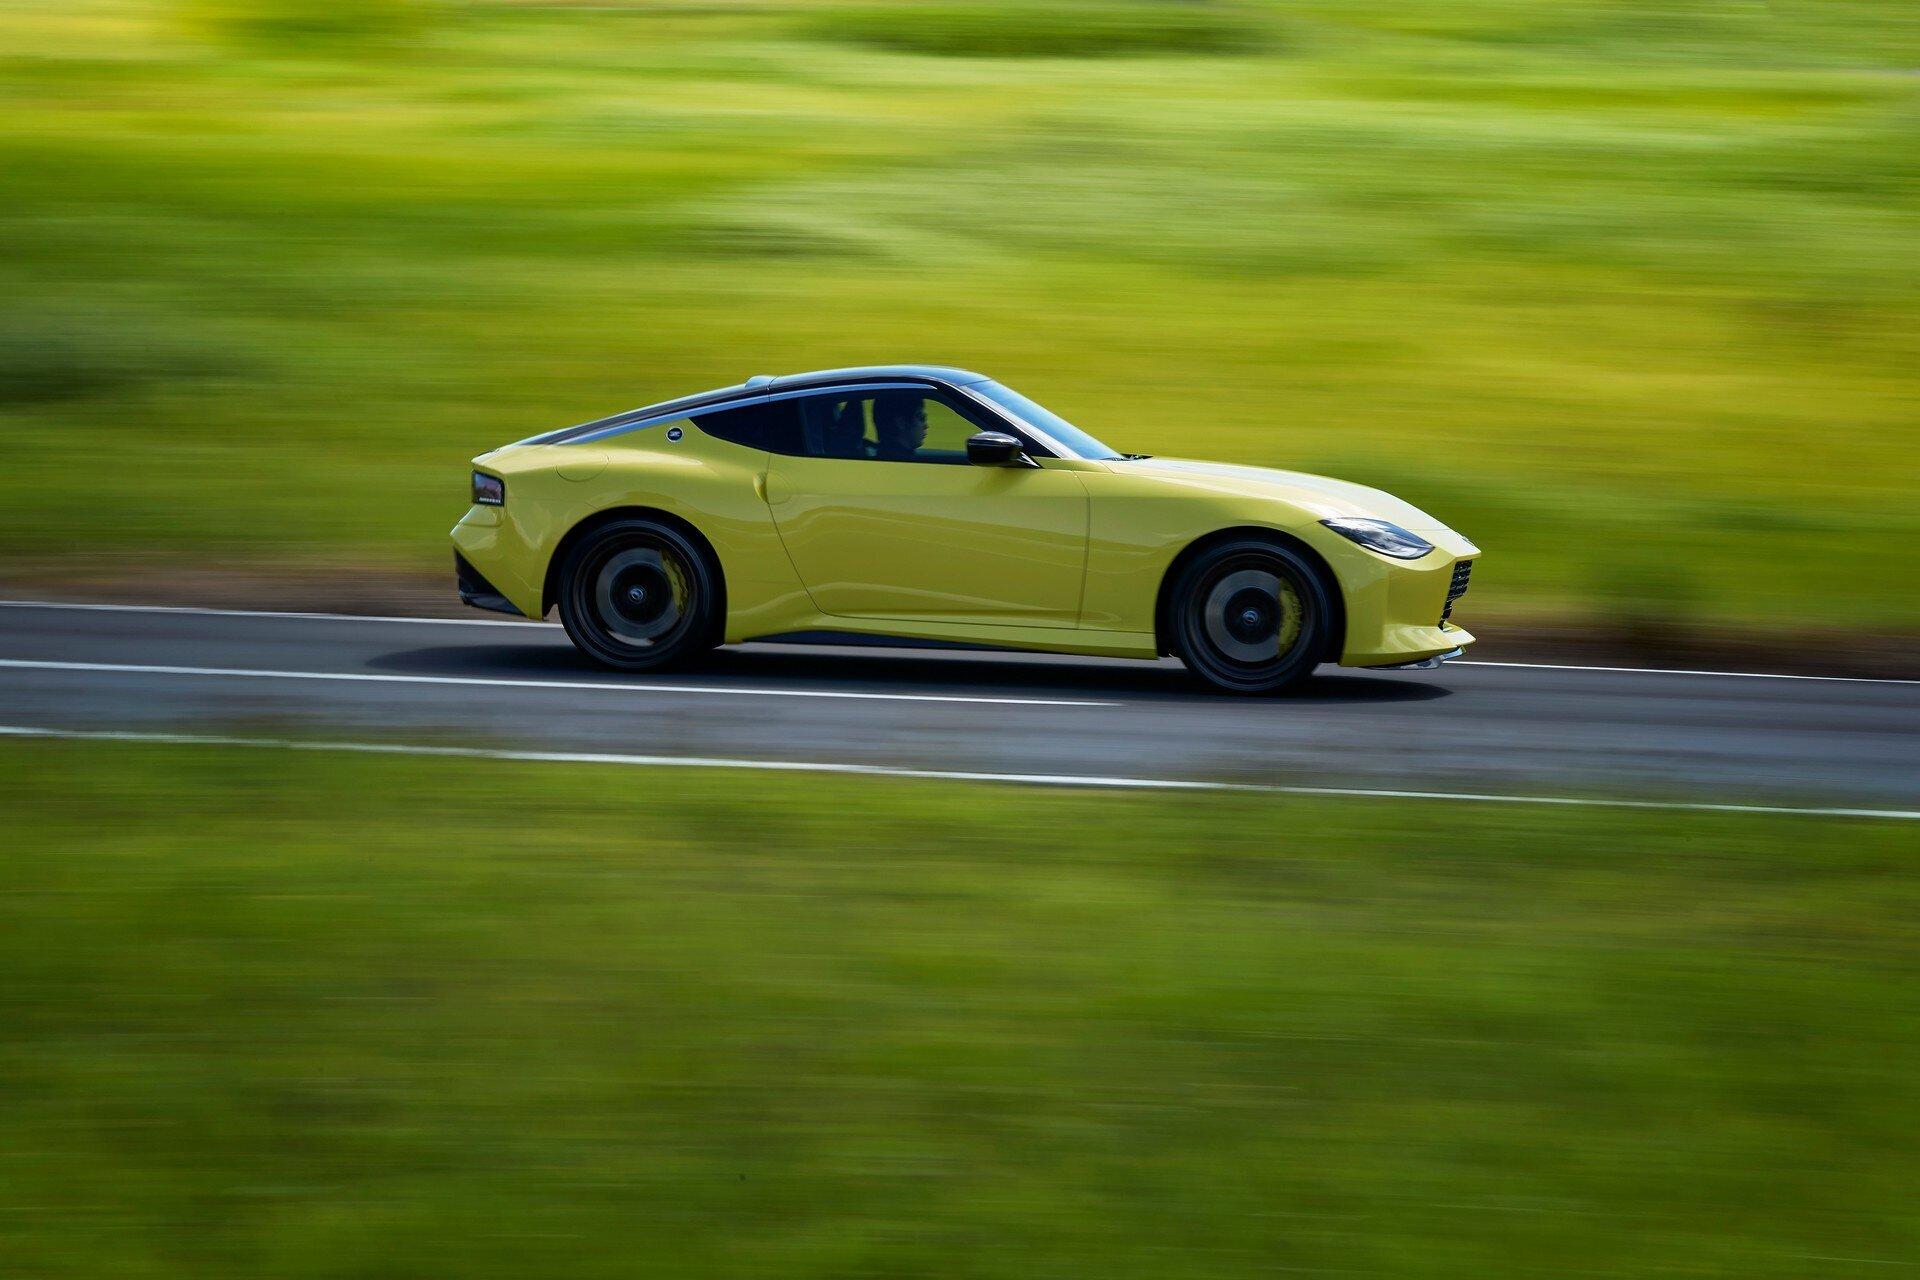 日产400Z运动轿跑专利图像公开,延续Proto Z的风格